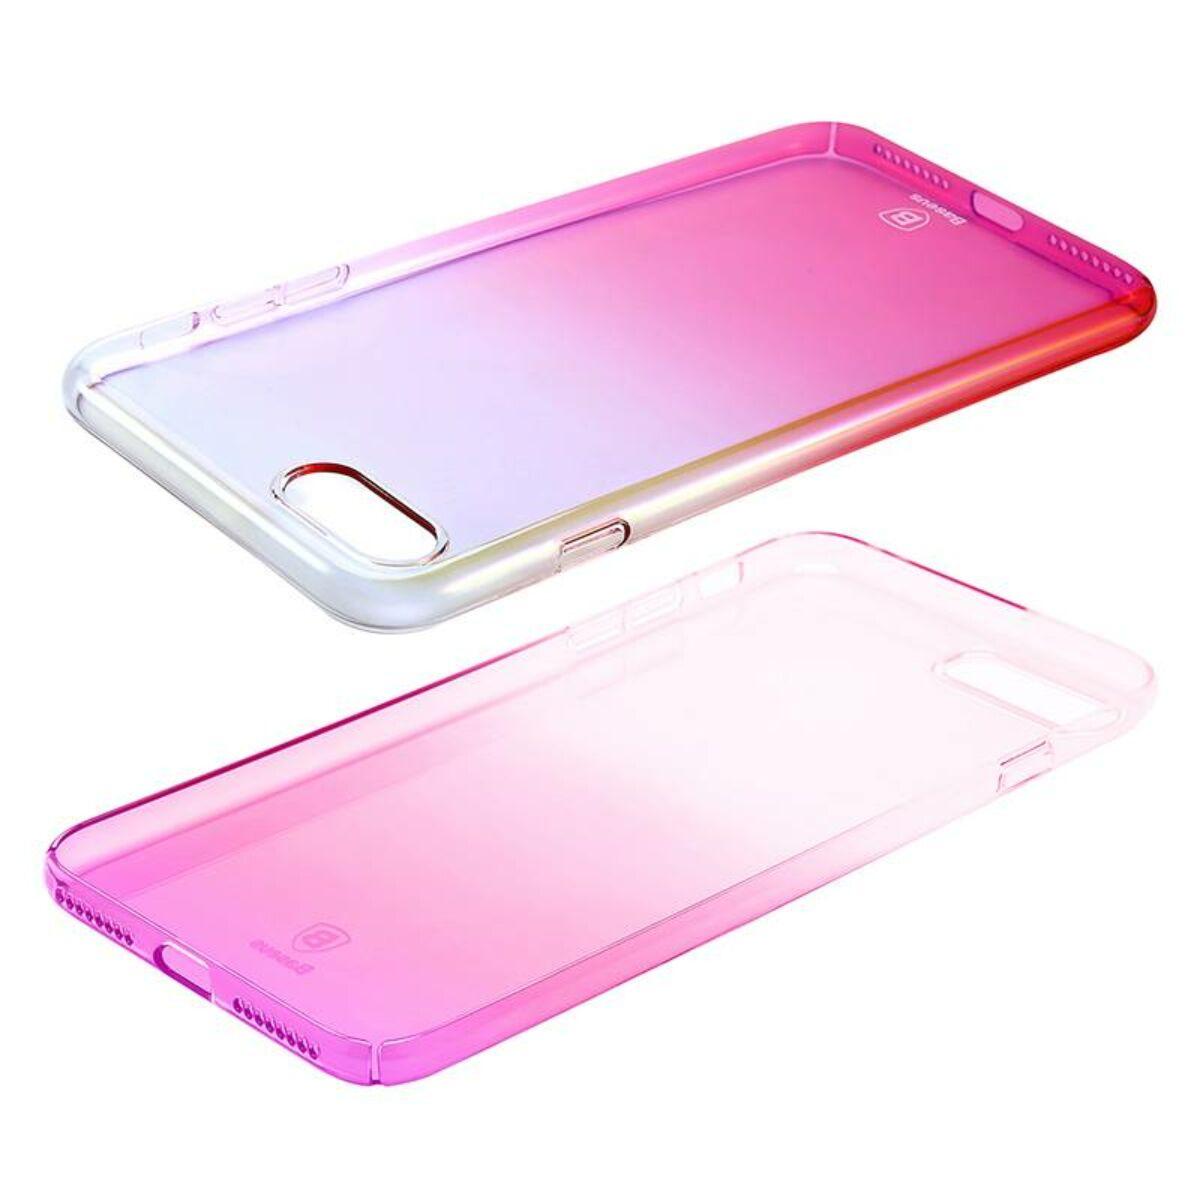 Baseus iPhone 8/7 Plus tok, Glaze, rózsaszín (WIAPIPH7P-GC04)